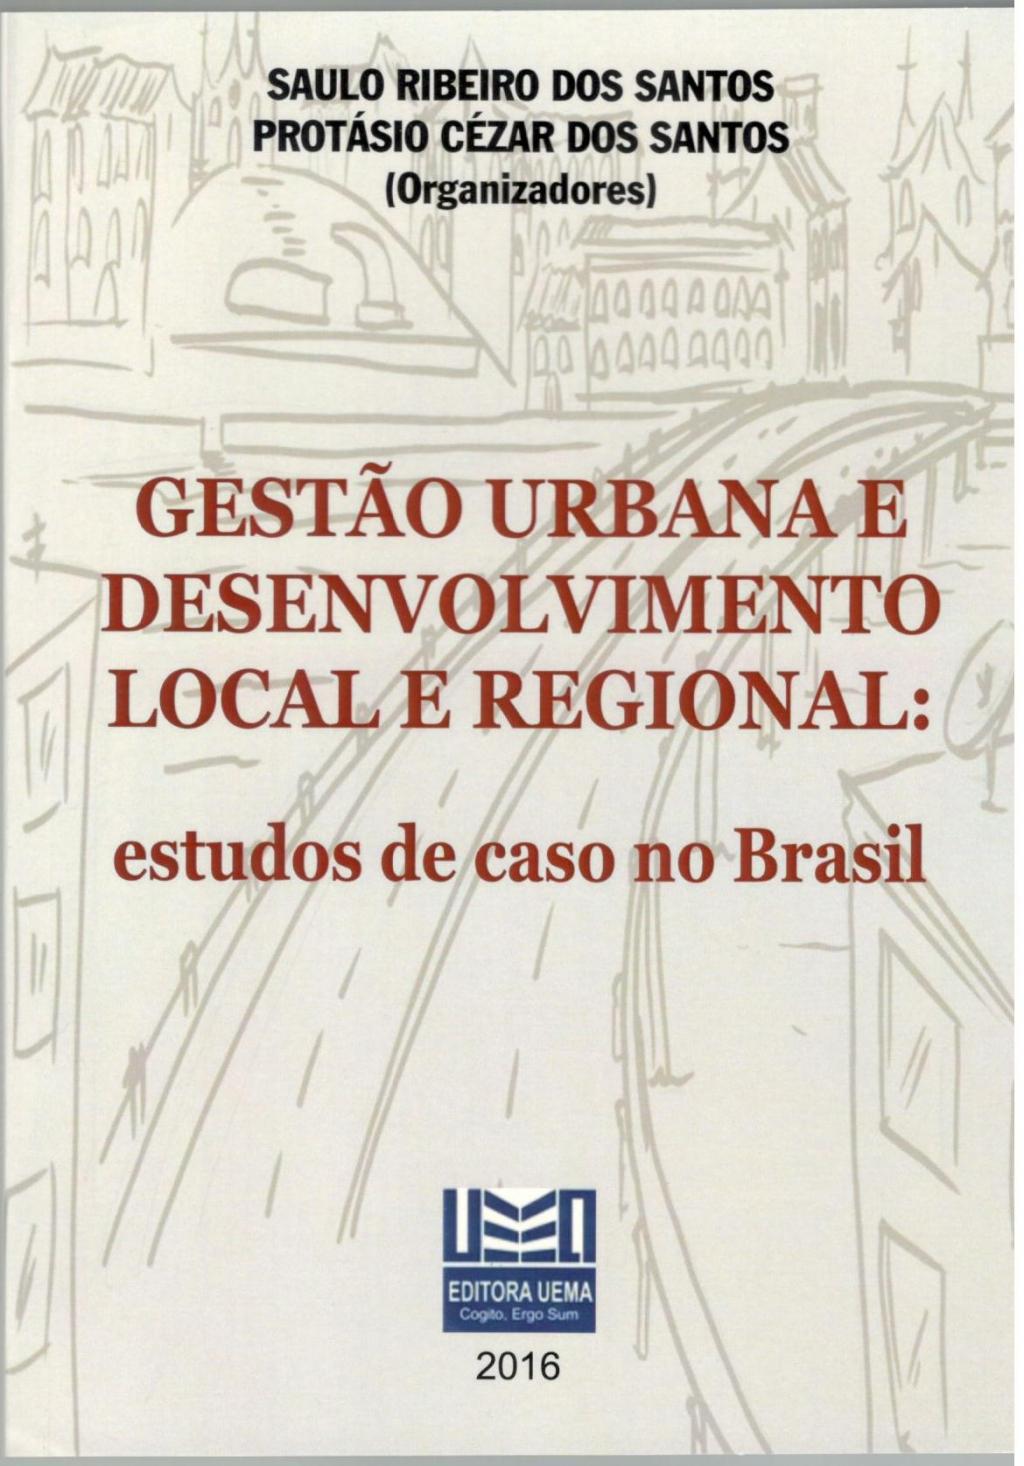 Gestão urbana e desenvolvimento local e regional (Esgotado)